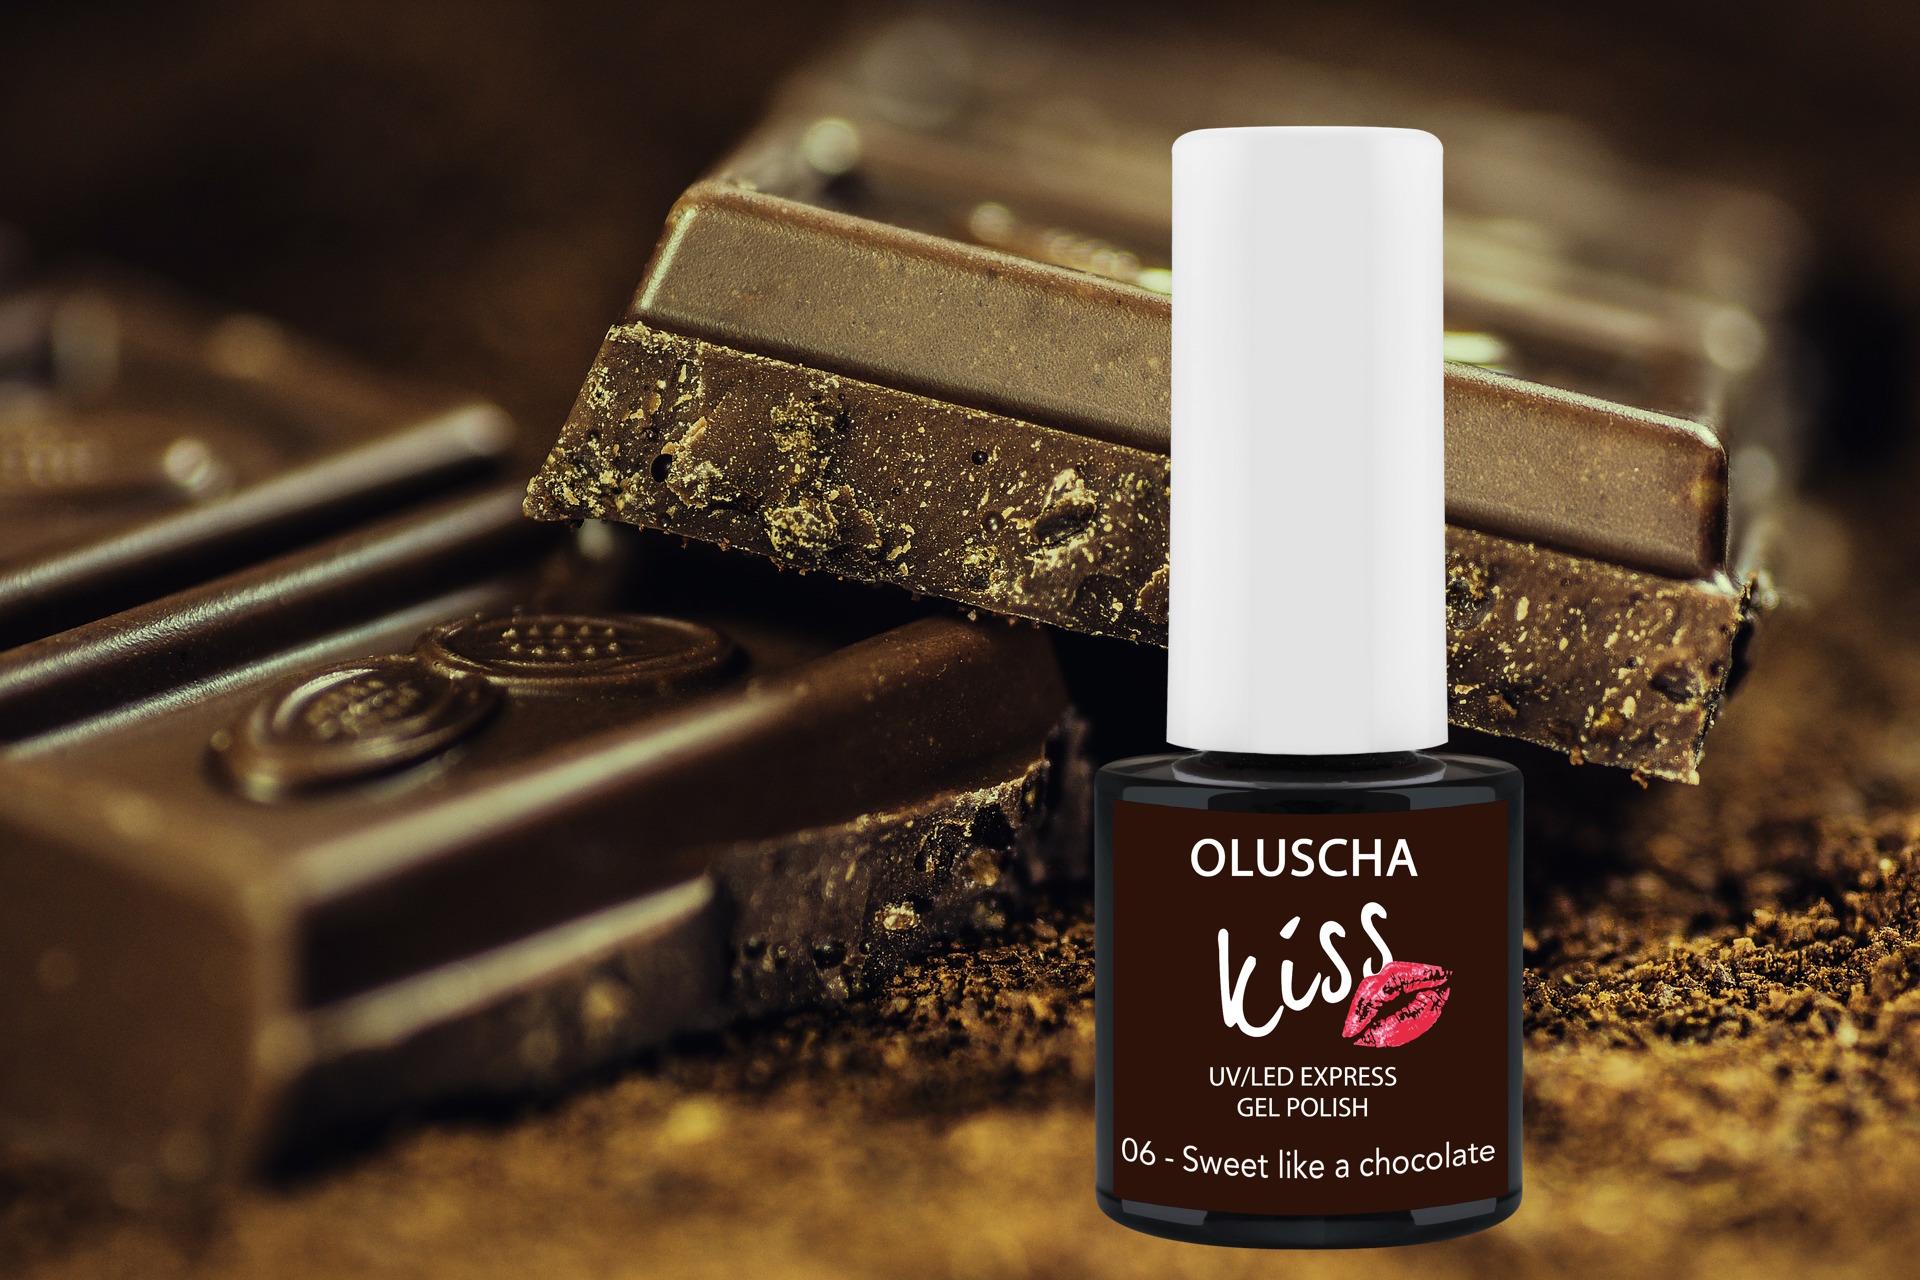 Z Okazji Światowego Dnia Czekolady – Słodka Cena Na Lakier Sweet Like A Chocolate!